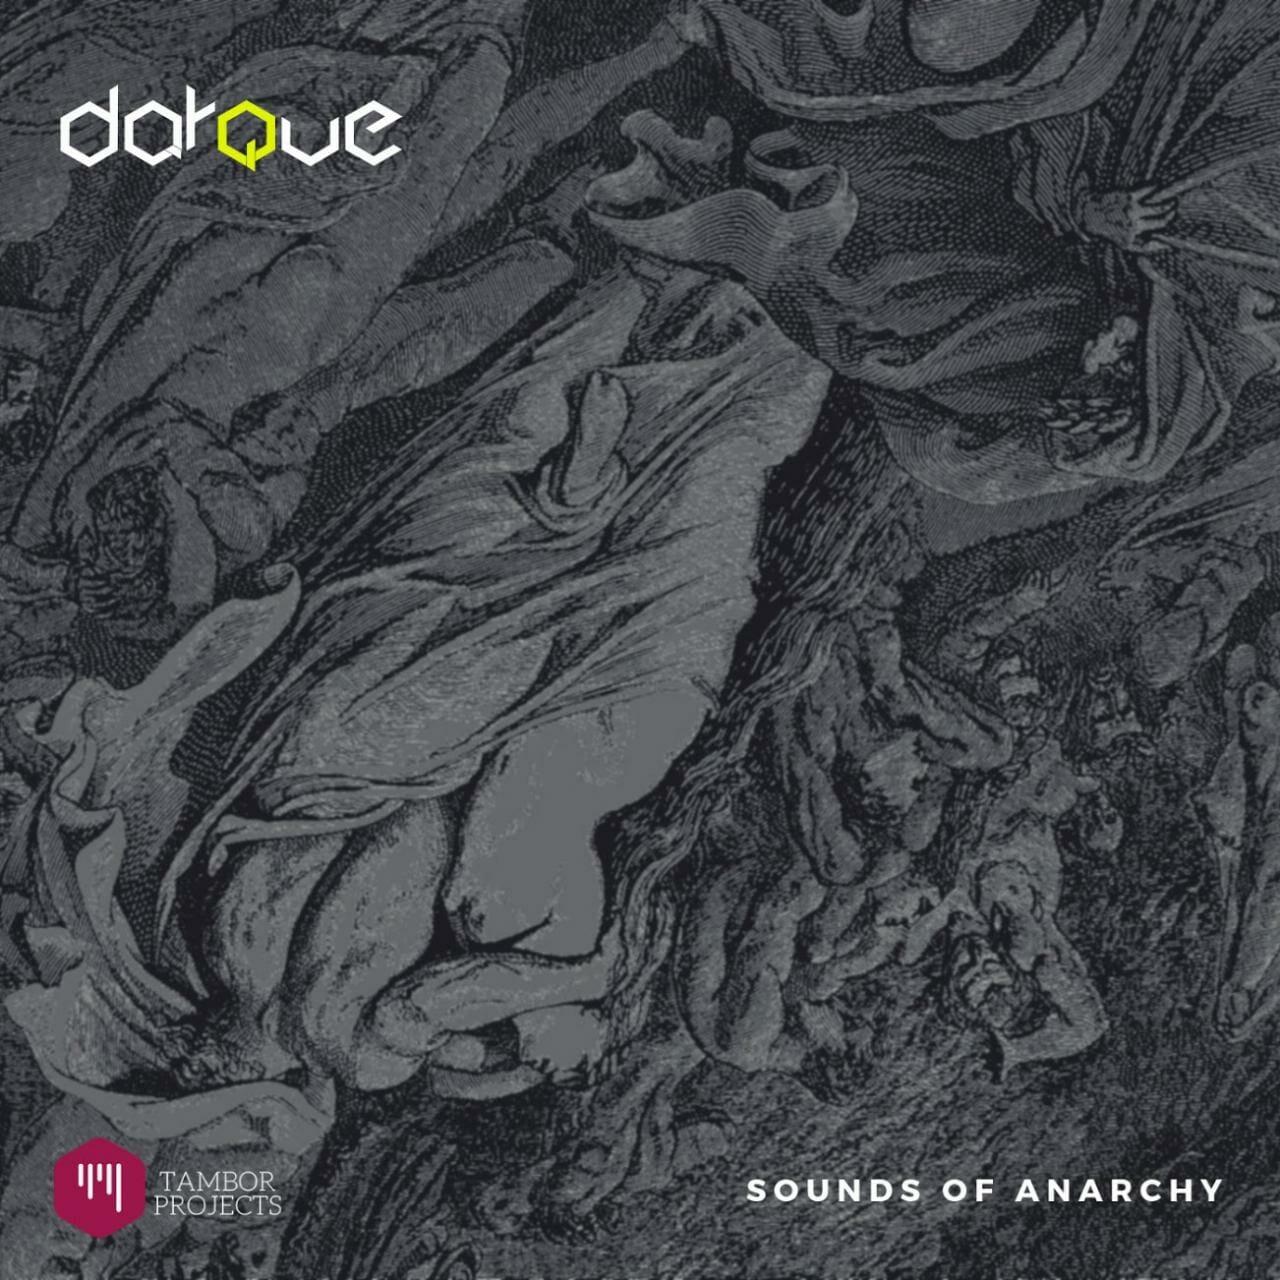 [Music] Darque – Sounds of Anarchy (Original Mix)